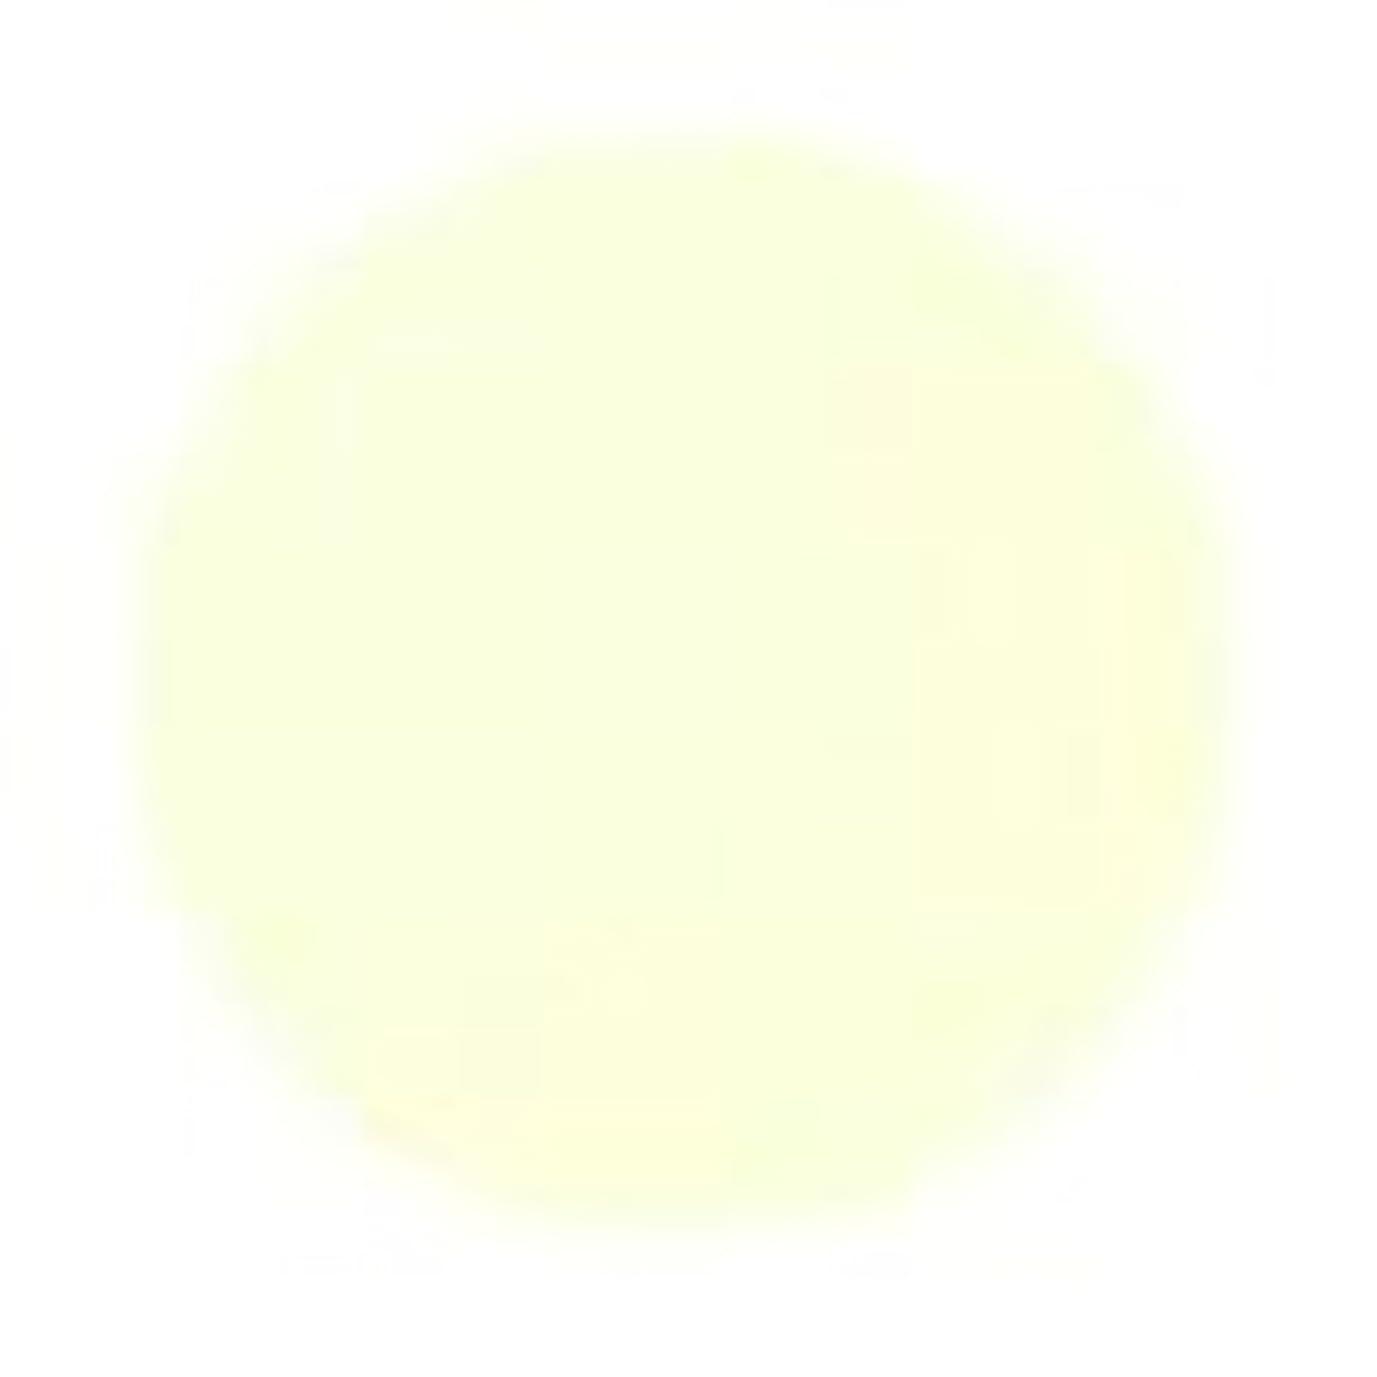 にぎやかあそこ枝Jessica ジェレレーション カラー 15ml  557 ウエディンウグガウン